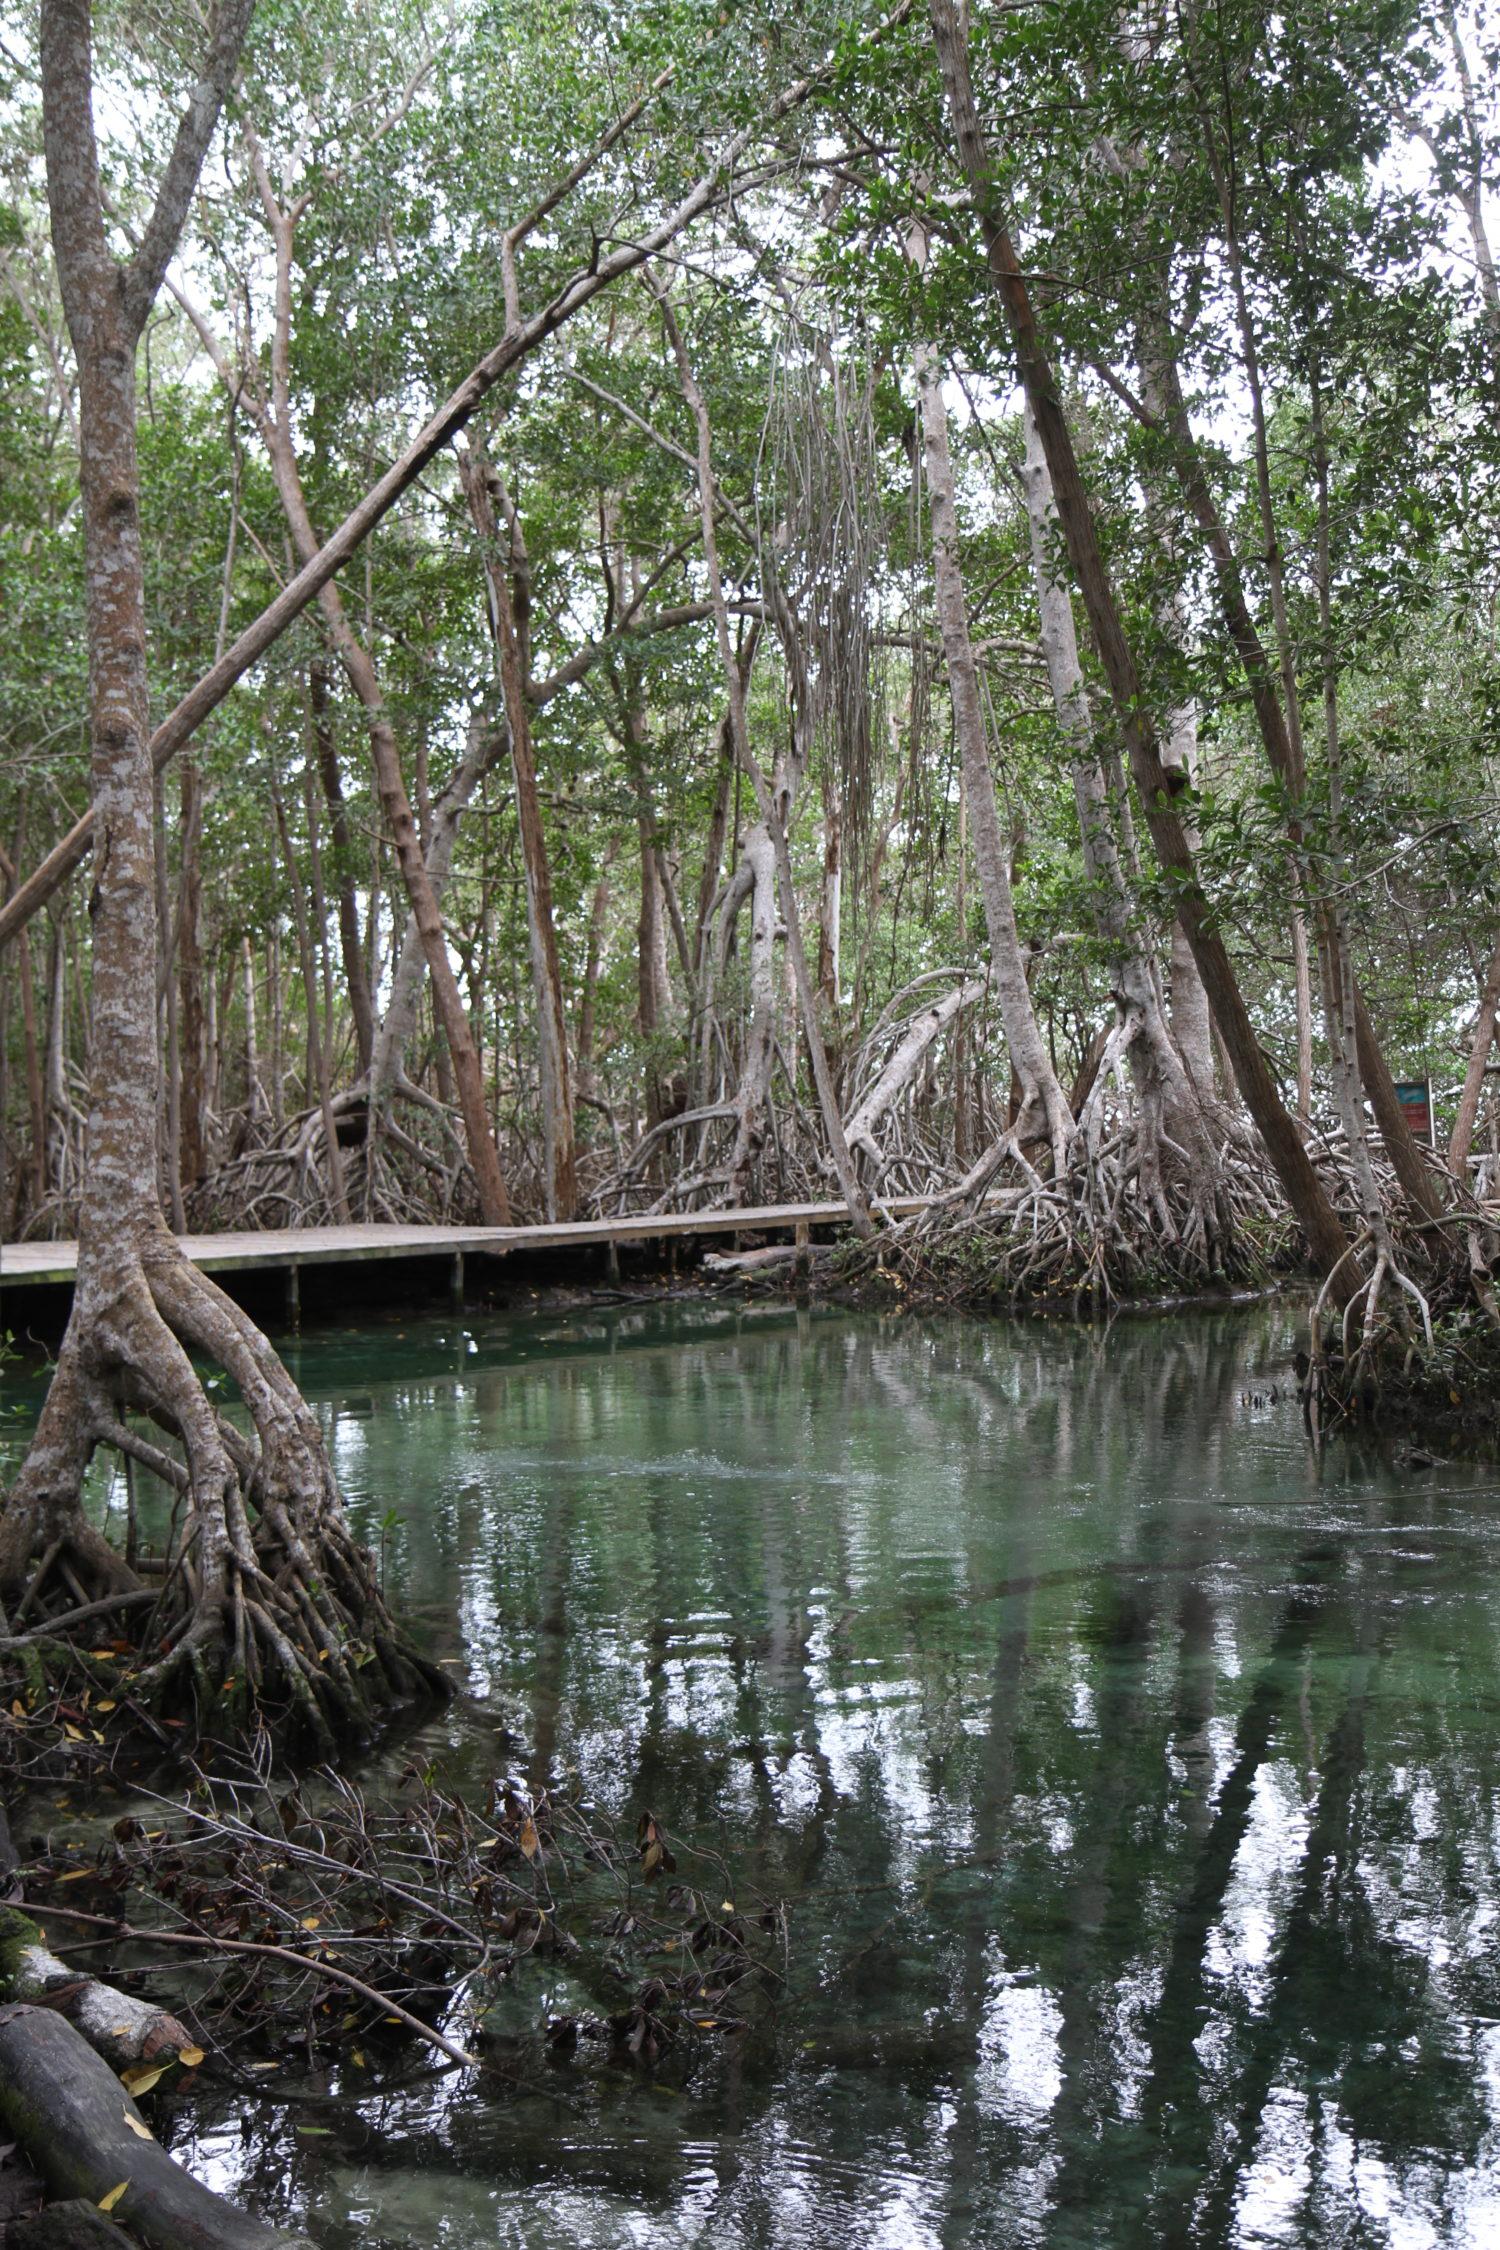 Réserve naturelle de Celestun, Ojo de agua